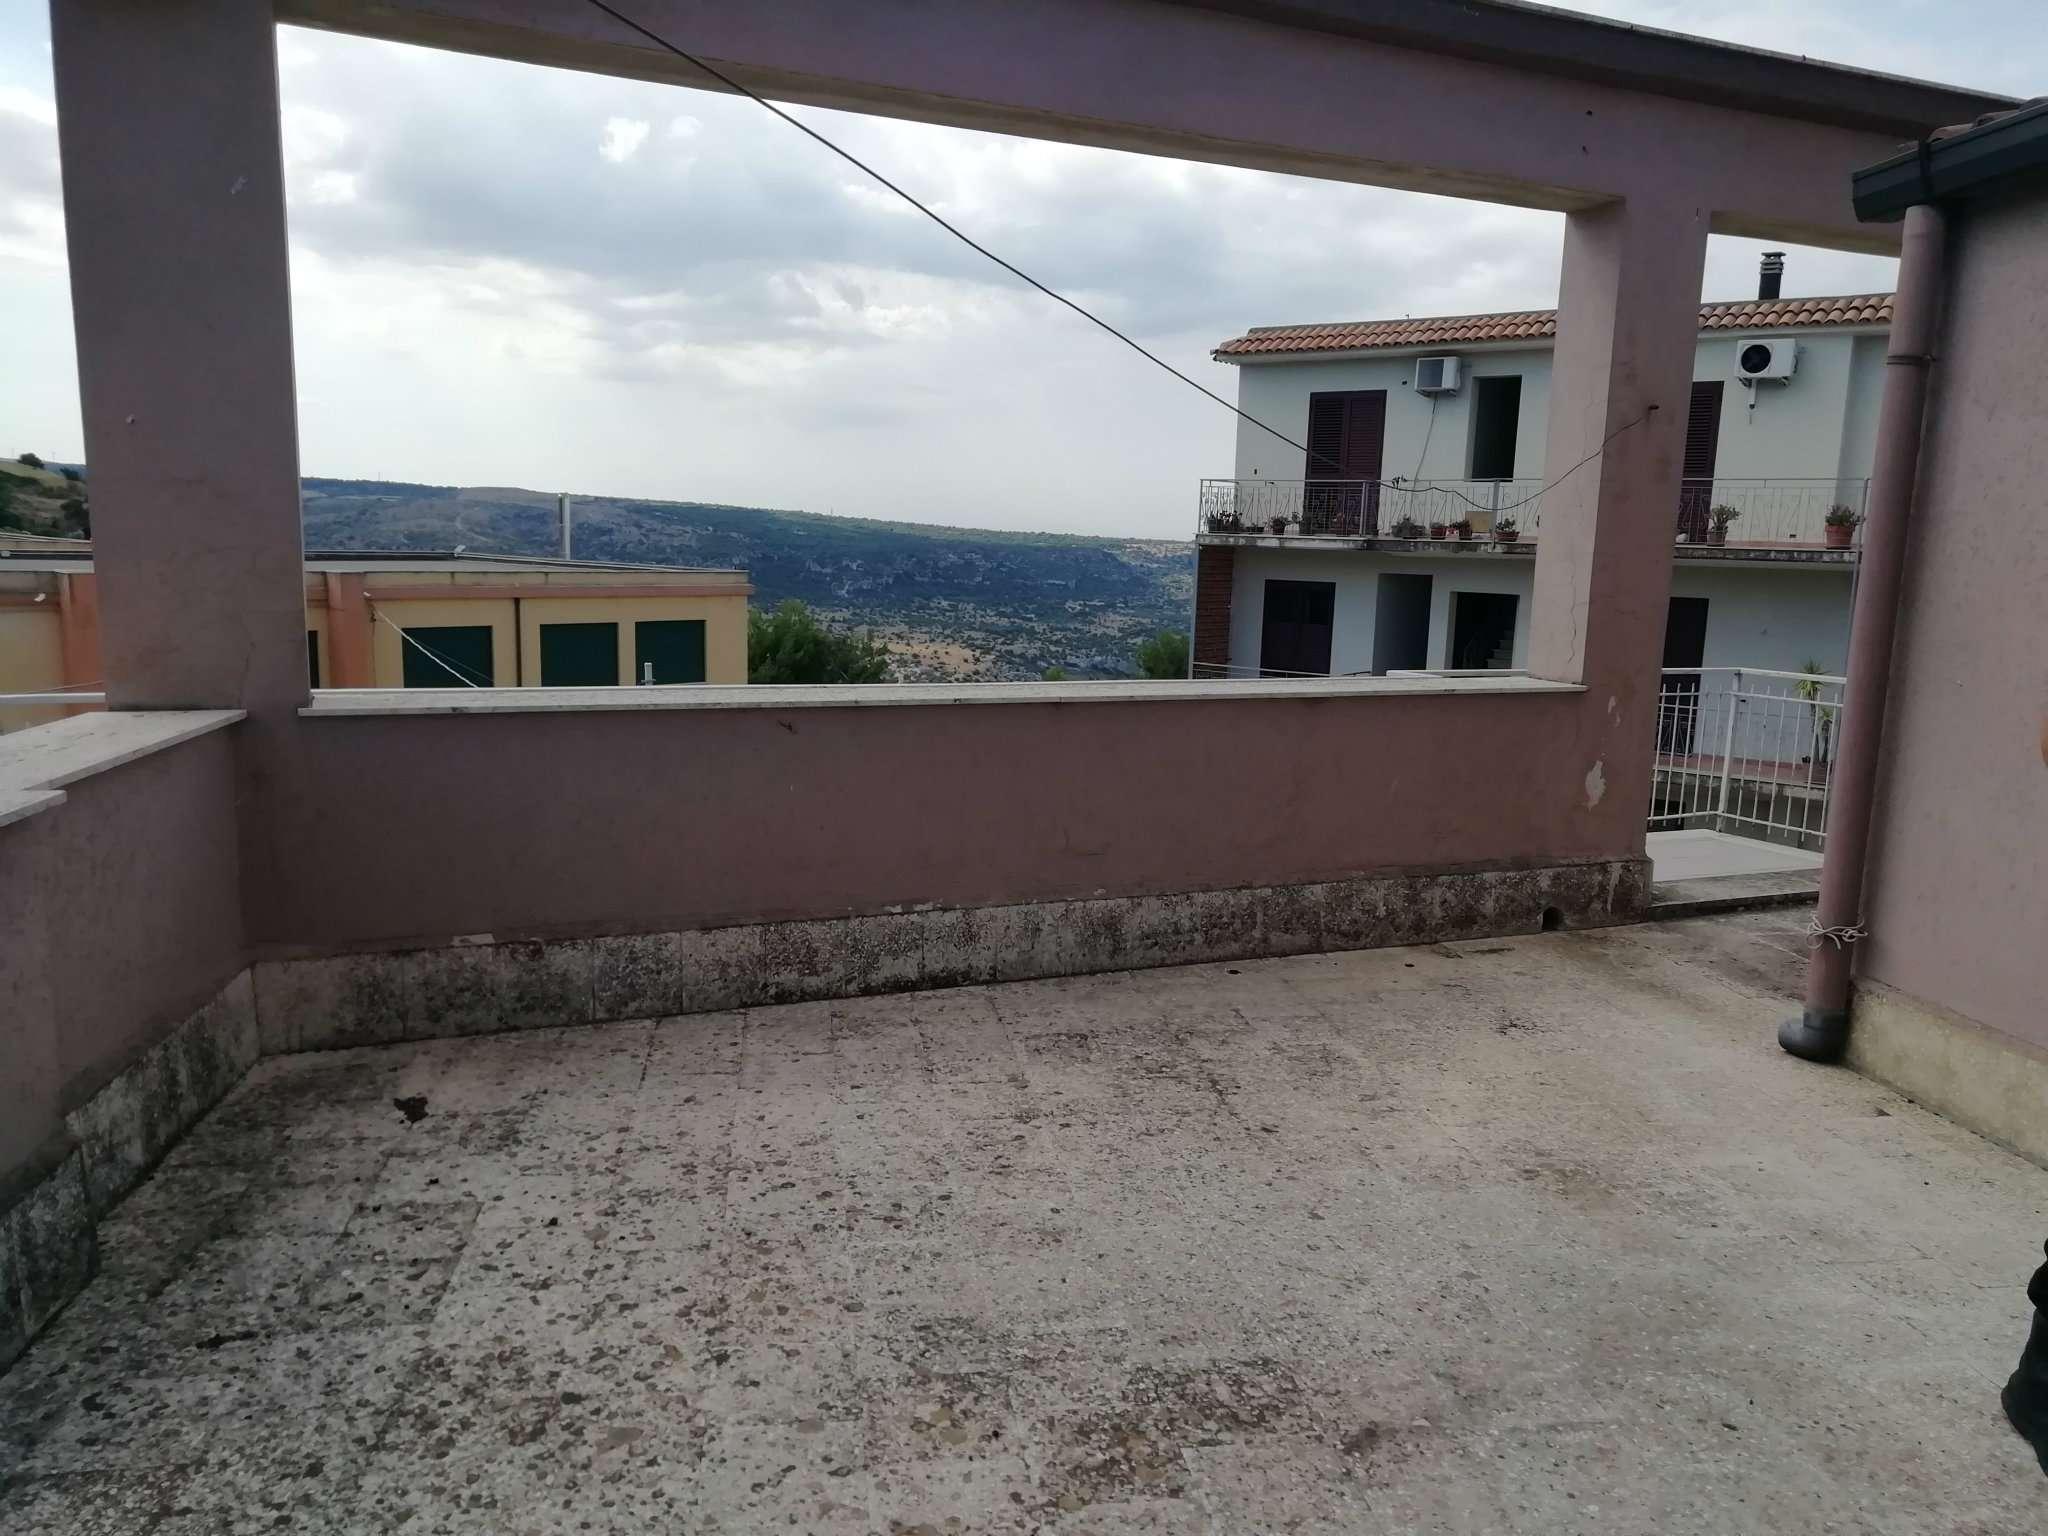 Appartamento in vendita a Melilli, 3 locali, prezzo € 40.000 | PortaleAgenzieImmobiliari.it